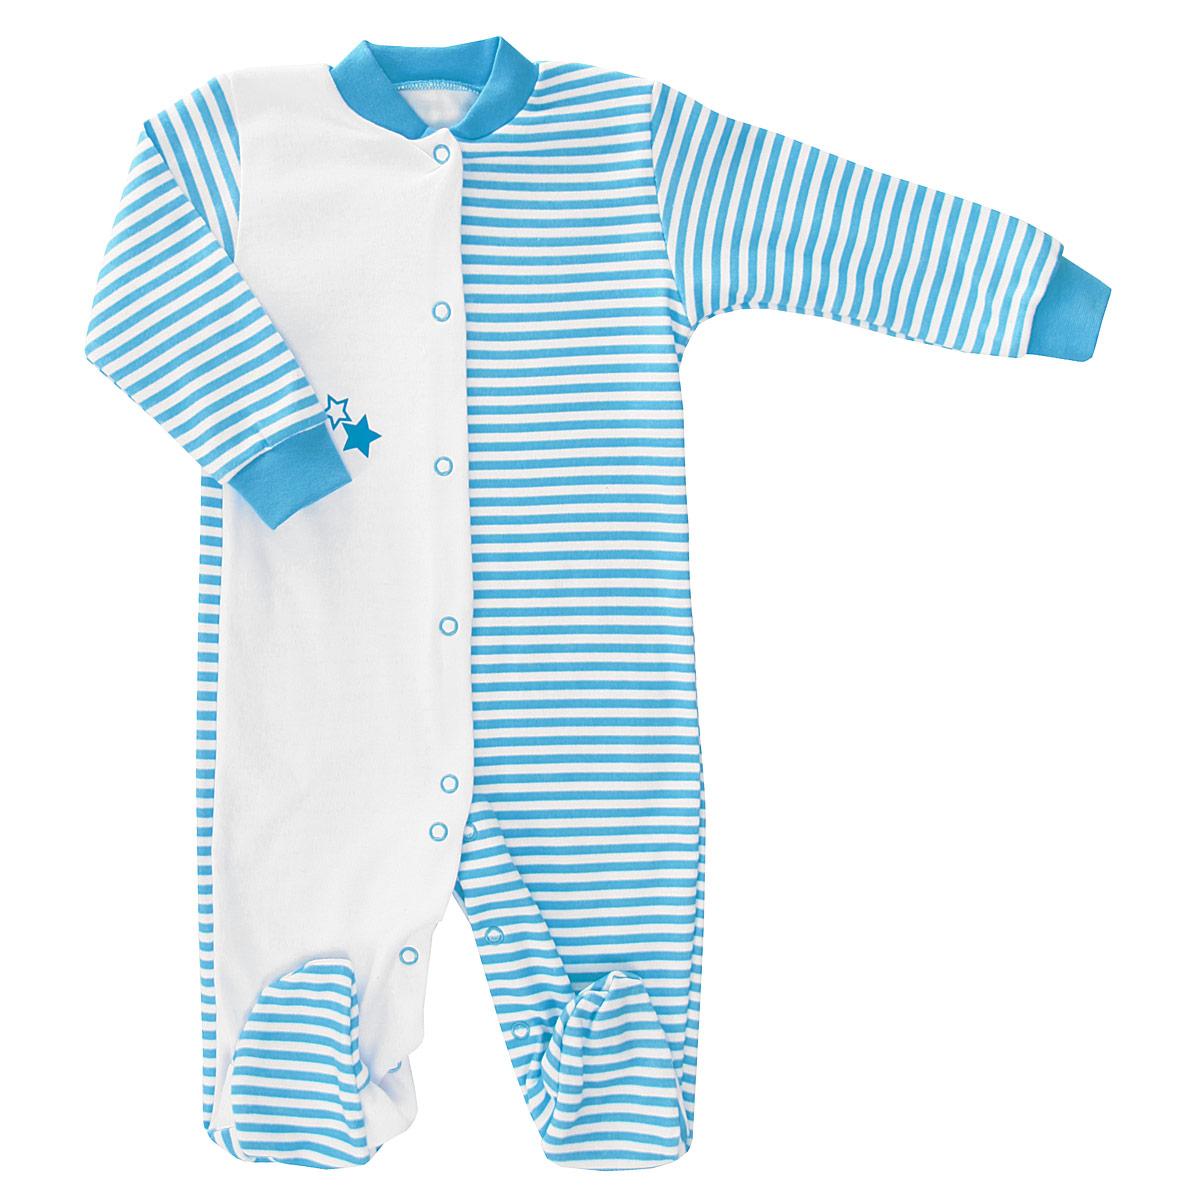 Комбинезон для мальчика КотМарКот, цвет: белый, бирюзовый. 3646. Размер 563646Детский комбинезон для мальчика КотМарКот - очень удобный и практичный вид одежды для малыша. Комбинезон выполнен из интерлока (натурального хлопка), благодаря чему он необычайно мягкий и приятный на ощупь, не раздражает нежную кожу ребенка и хорошо вентилируется, а эластичные швы приятны телу младенца и не препятствуют его движениям. Комбинезон с длинными рукавами и закрытыми ножками имеет застежки-кнопки от горловины до щиколоток, которые помогают легко переодеть ребенка или сменить подгузник. Рукава дополнены широкими контрастными трикотажными манжетами, которые мягко обхватывают запястья, горловина дополнена небольшим трикотажным воротничком контрастного цвета.Модель оформлена принтом в полоску. Одна передняя полочка однотонная и декорирована изображением звездочек. С таким детским комбинезоном спинка и ножки вашего малыша всегда будут в тепле, он идеален для использования днем и незаменим ночью. Комбинезон полностью соответствует особенностям жизни младенца в ранний период, не стесняя и не ограничивая его в движениях!